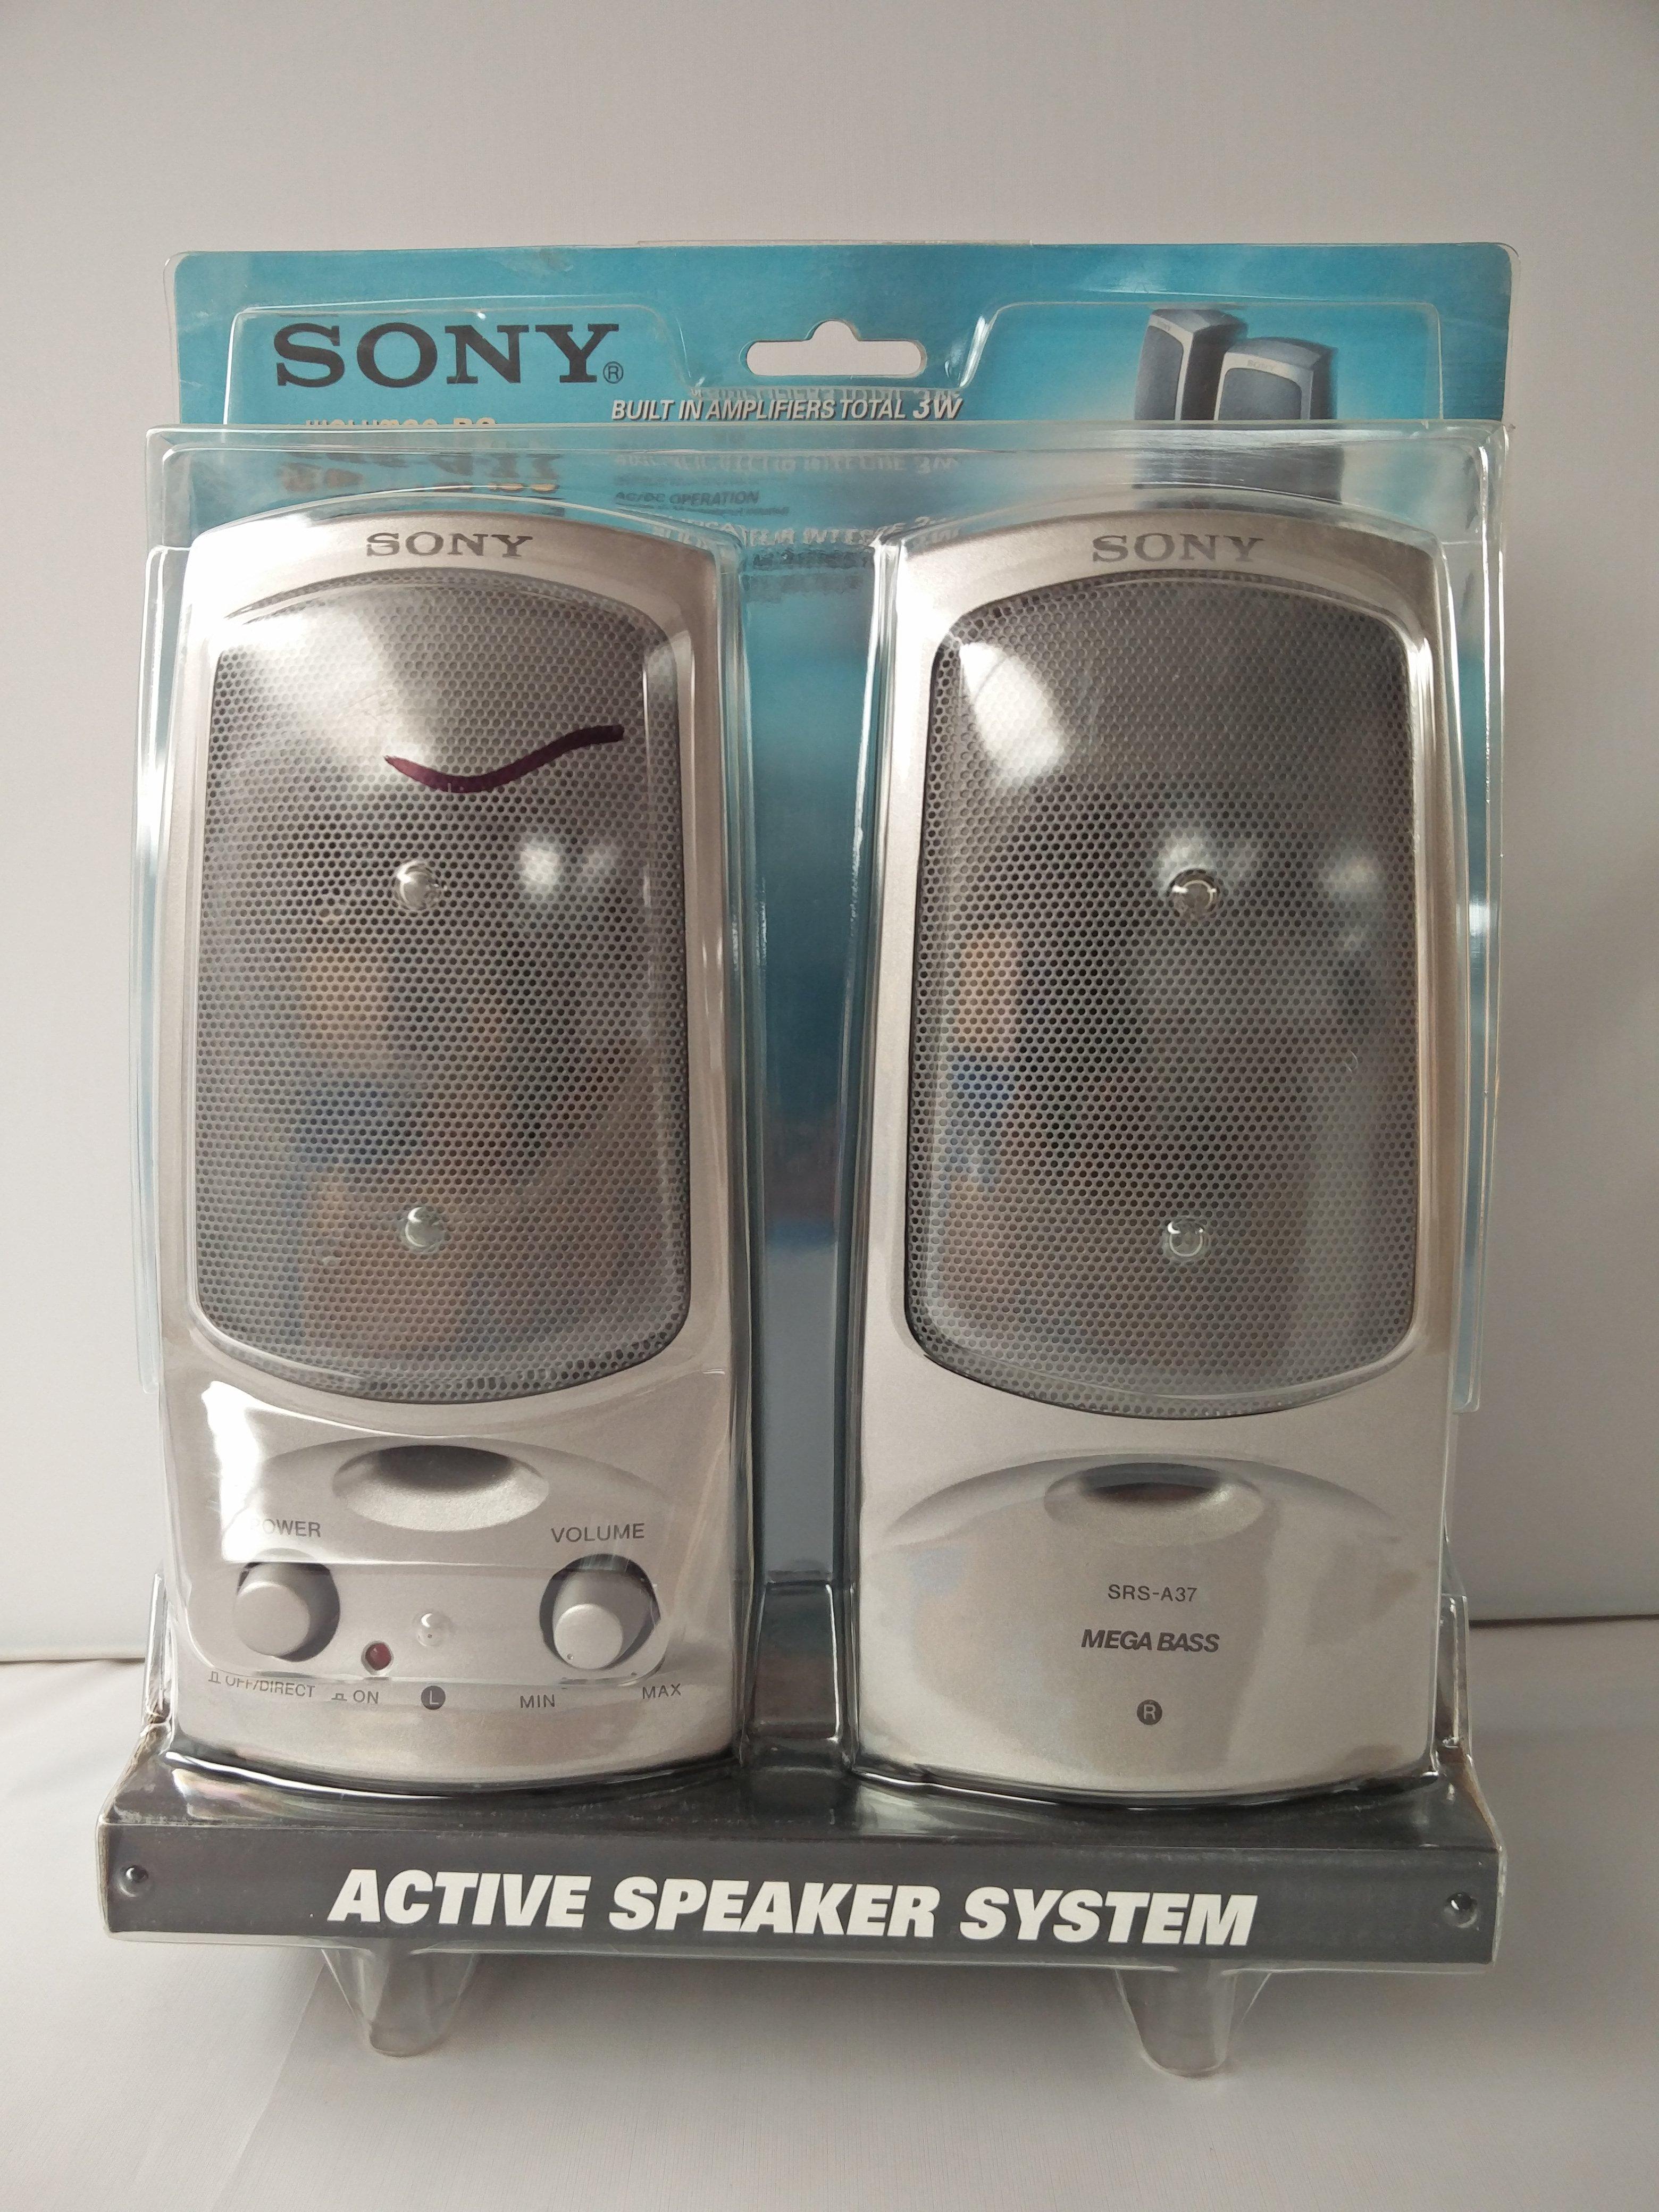 sony active speaker system ebay. Black Bedroom Furniture Sets. Home Design Ideas